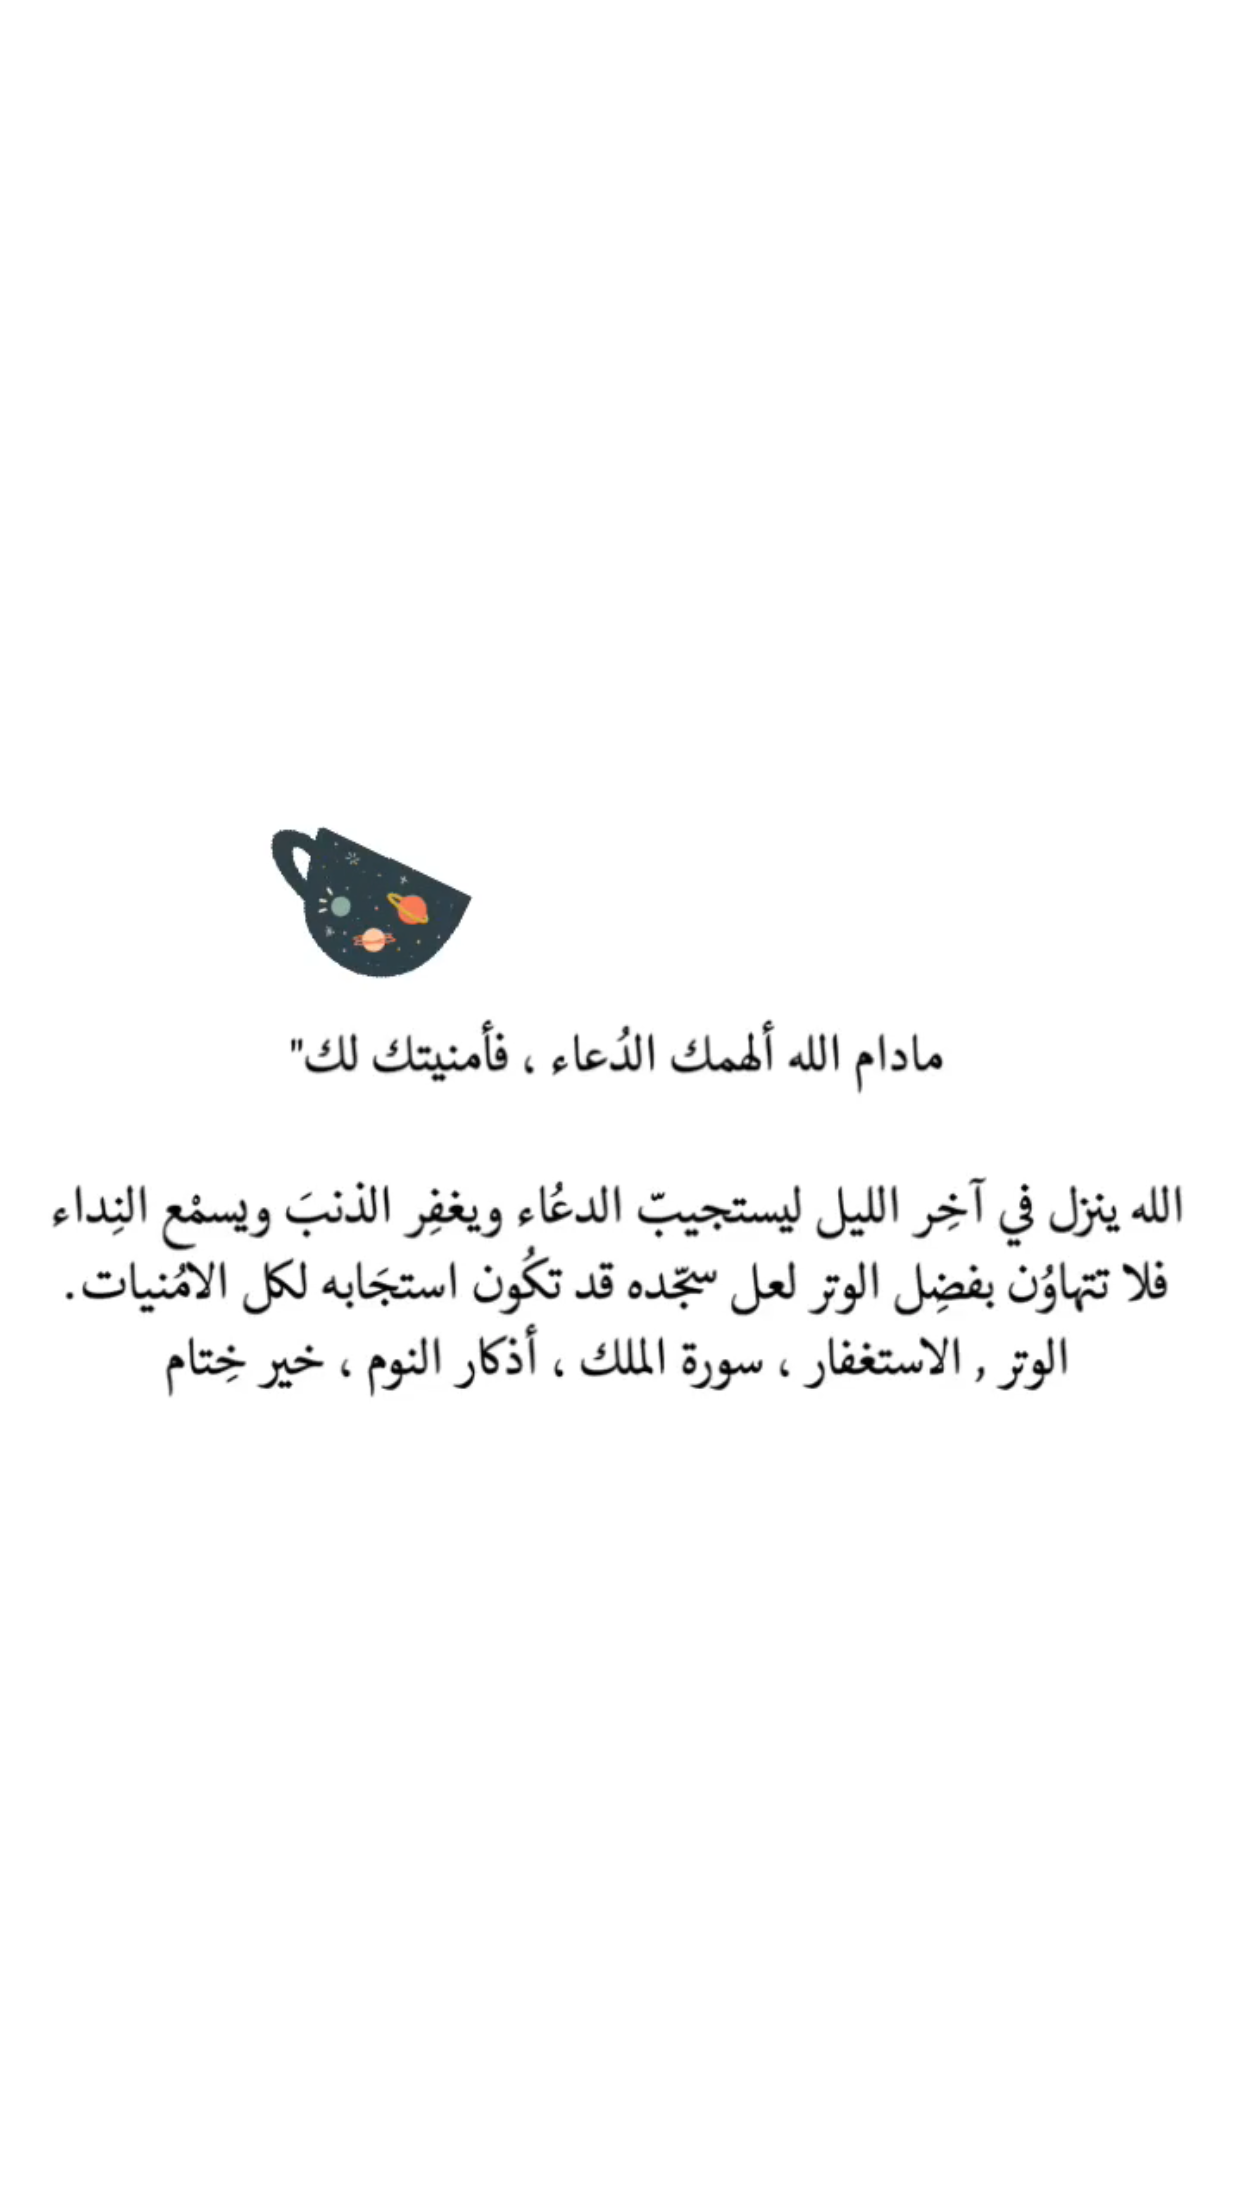 الوتر الدعاء الاستغفار اذكار النوم Quran Quotes Quotes For Book Lovers Islamic Inspirational Quotes